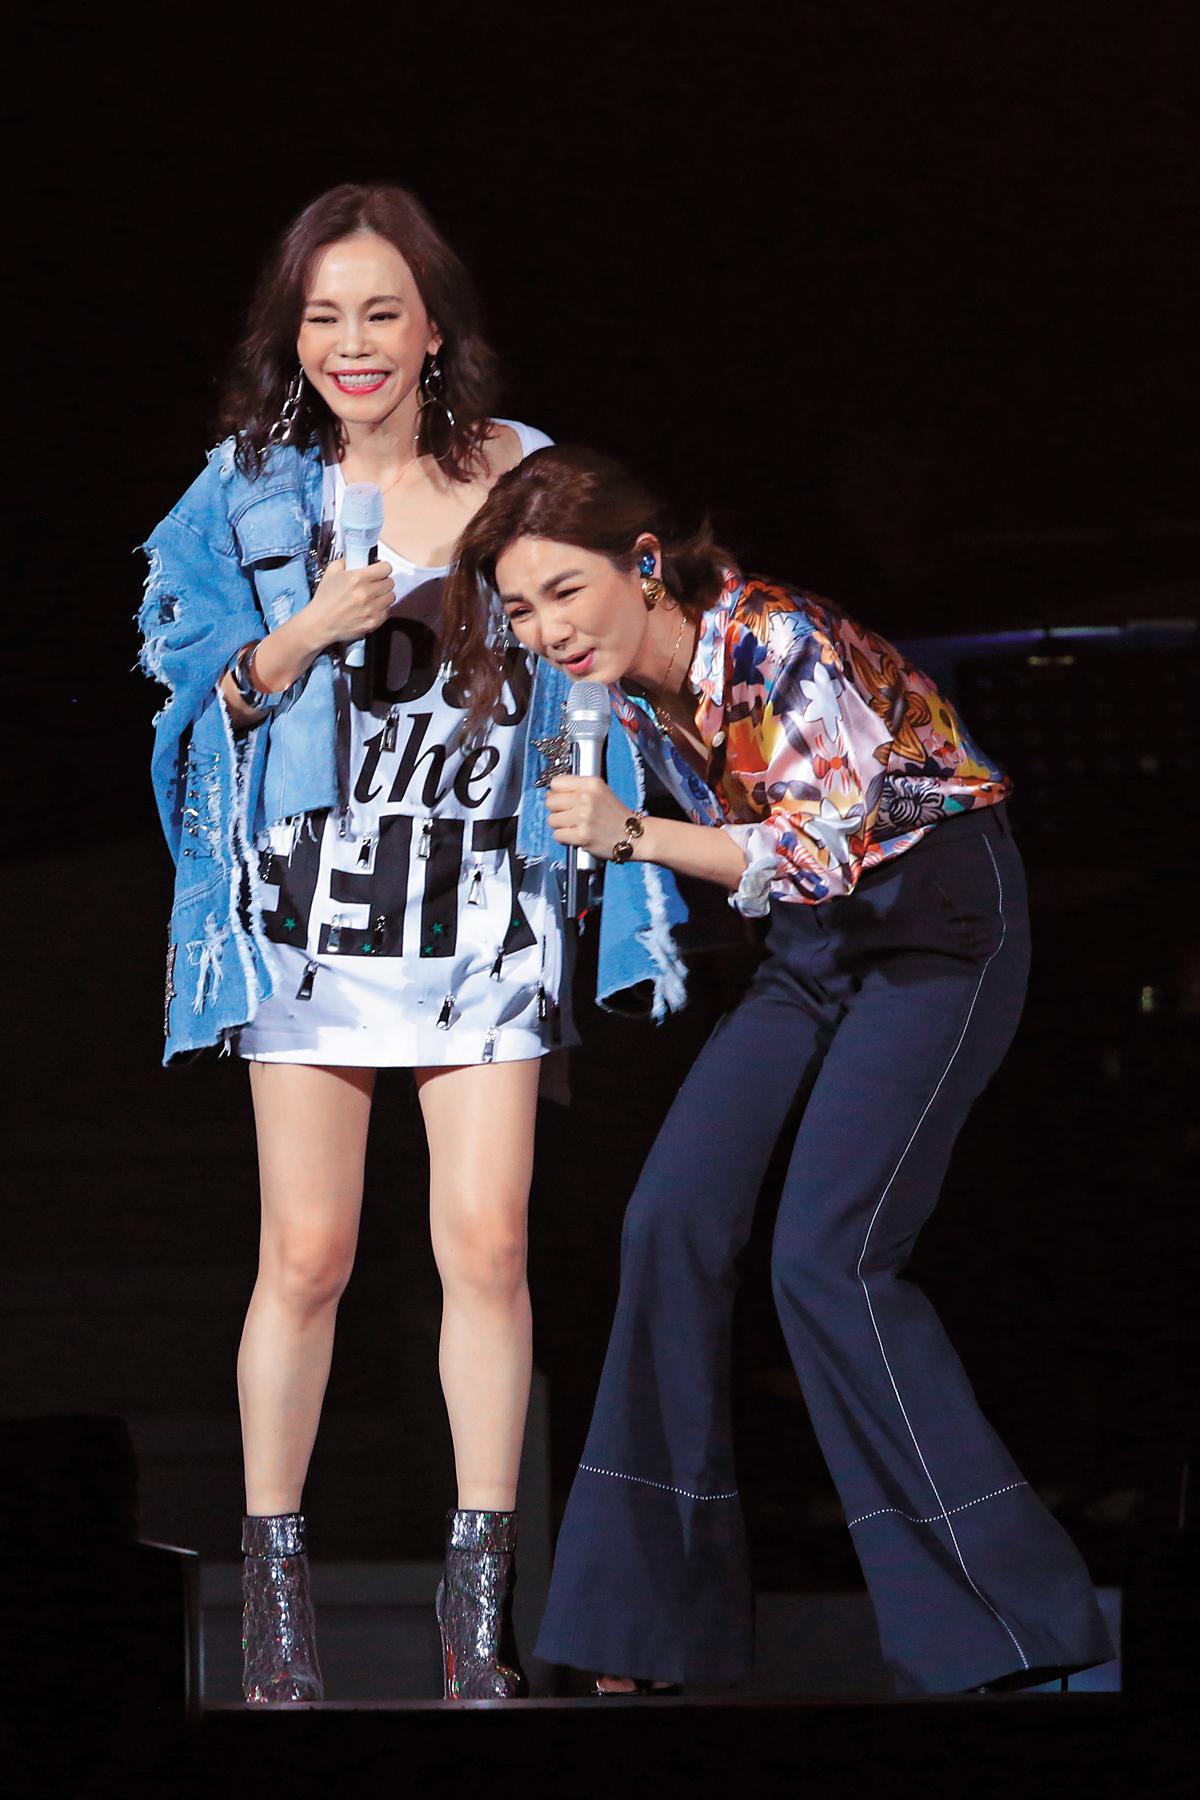 彭佳慧(左)去年11月舉辦「我想念我自己」台北小巨蛋演唱會,與Ella(右)大談產子的性生活。